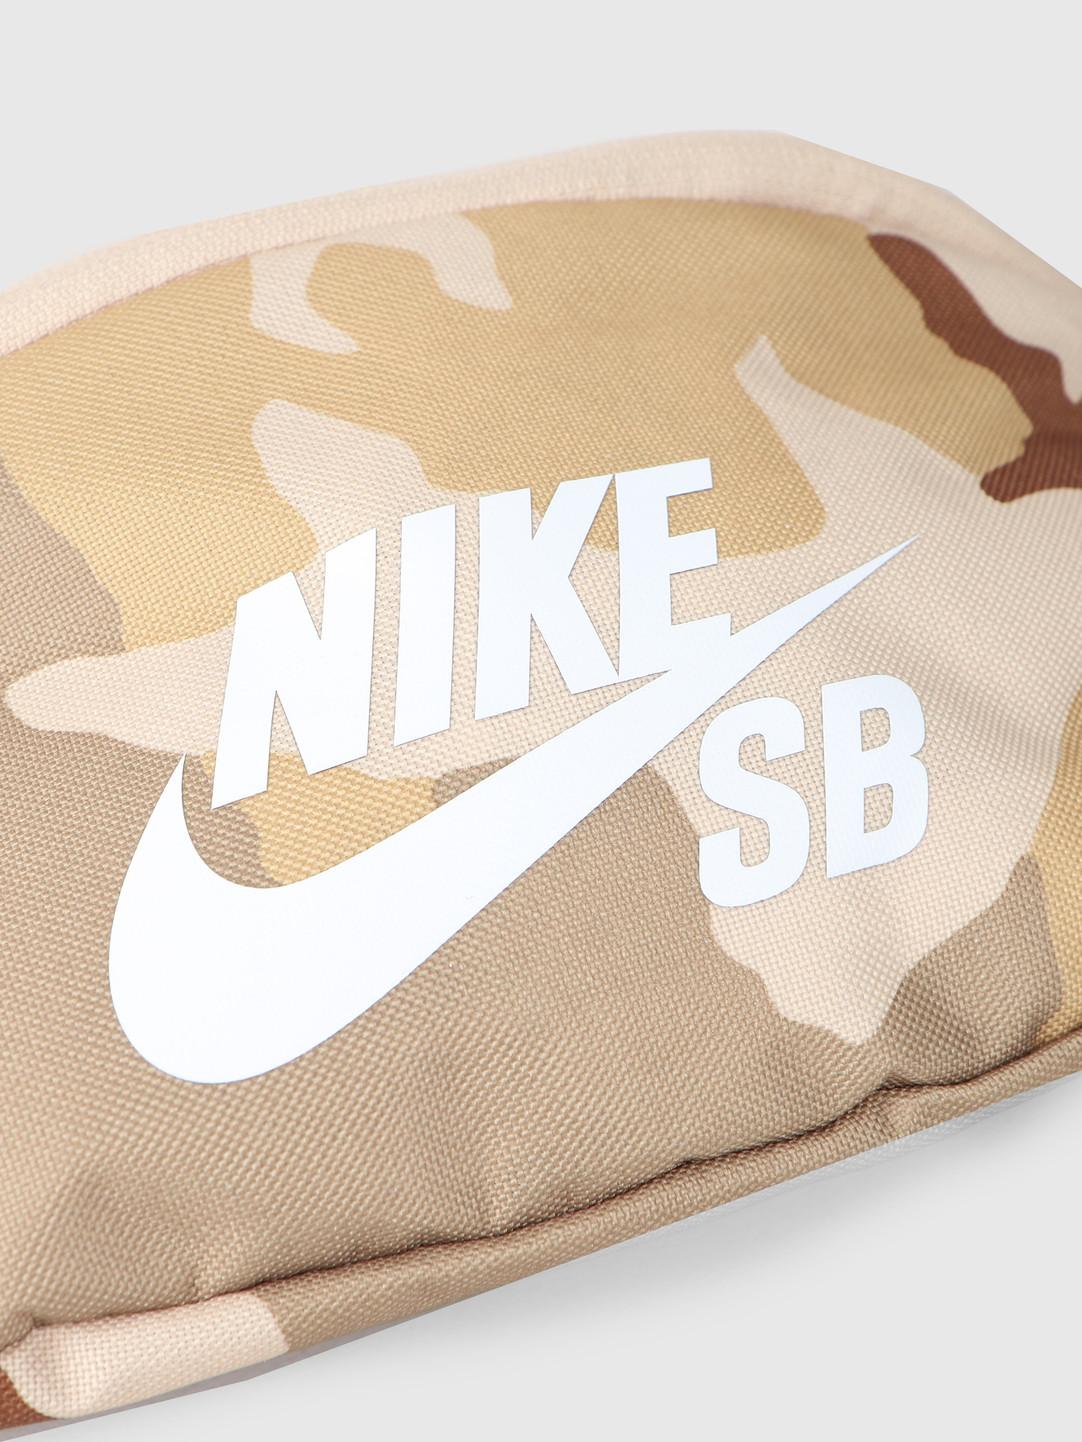 Nike Nike SB Heritage Bag Desert Camo Desert Camo Desert Camo Ba6067-220